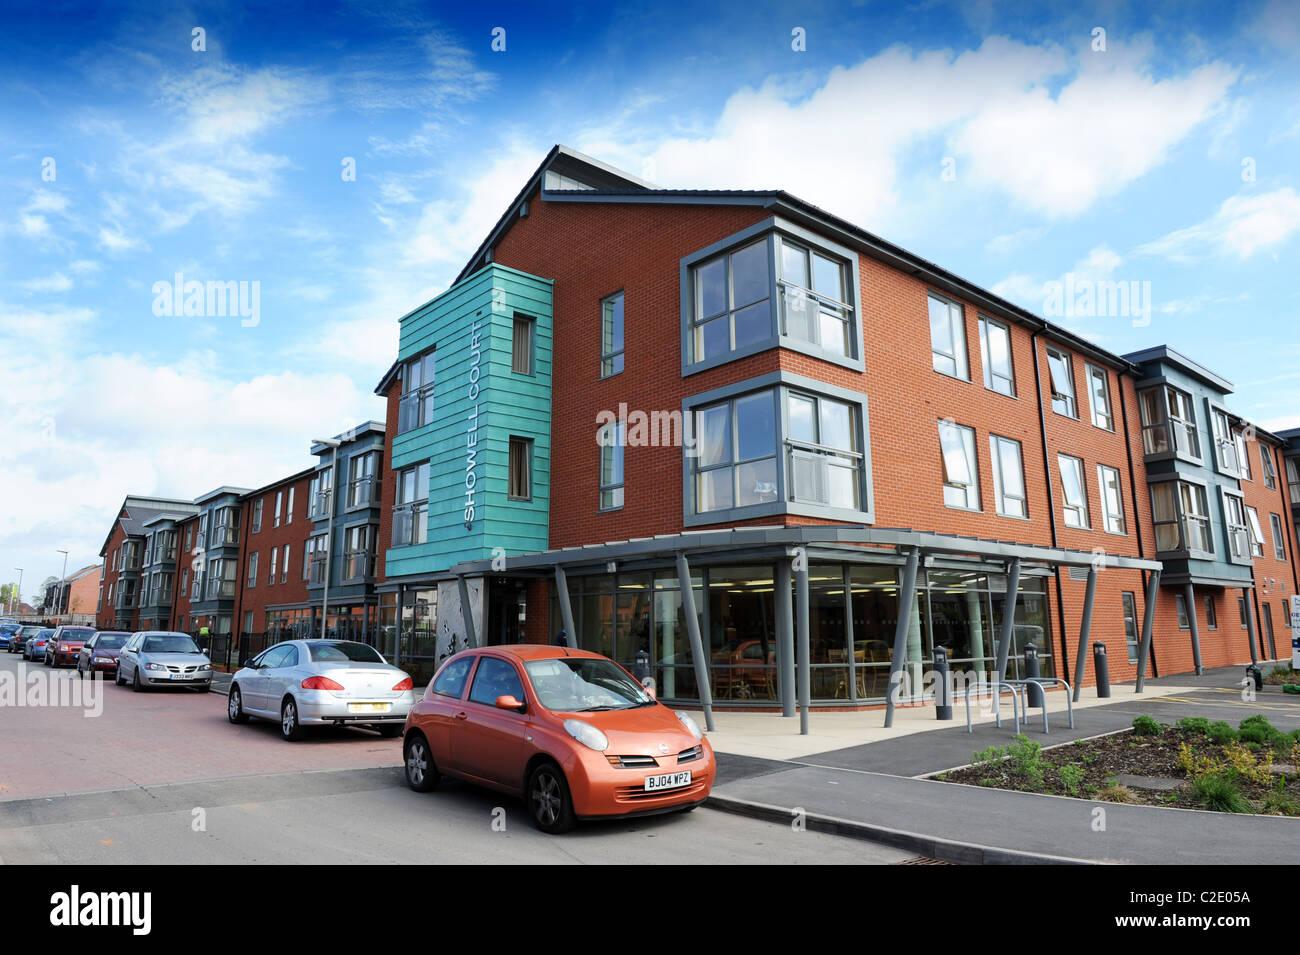 Corte Showell plan de vivienda protegida en la colina baja, Wolverhampton Foto de stock